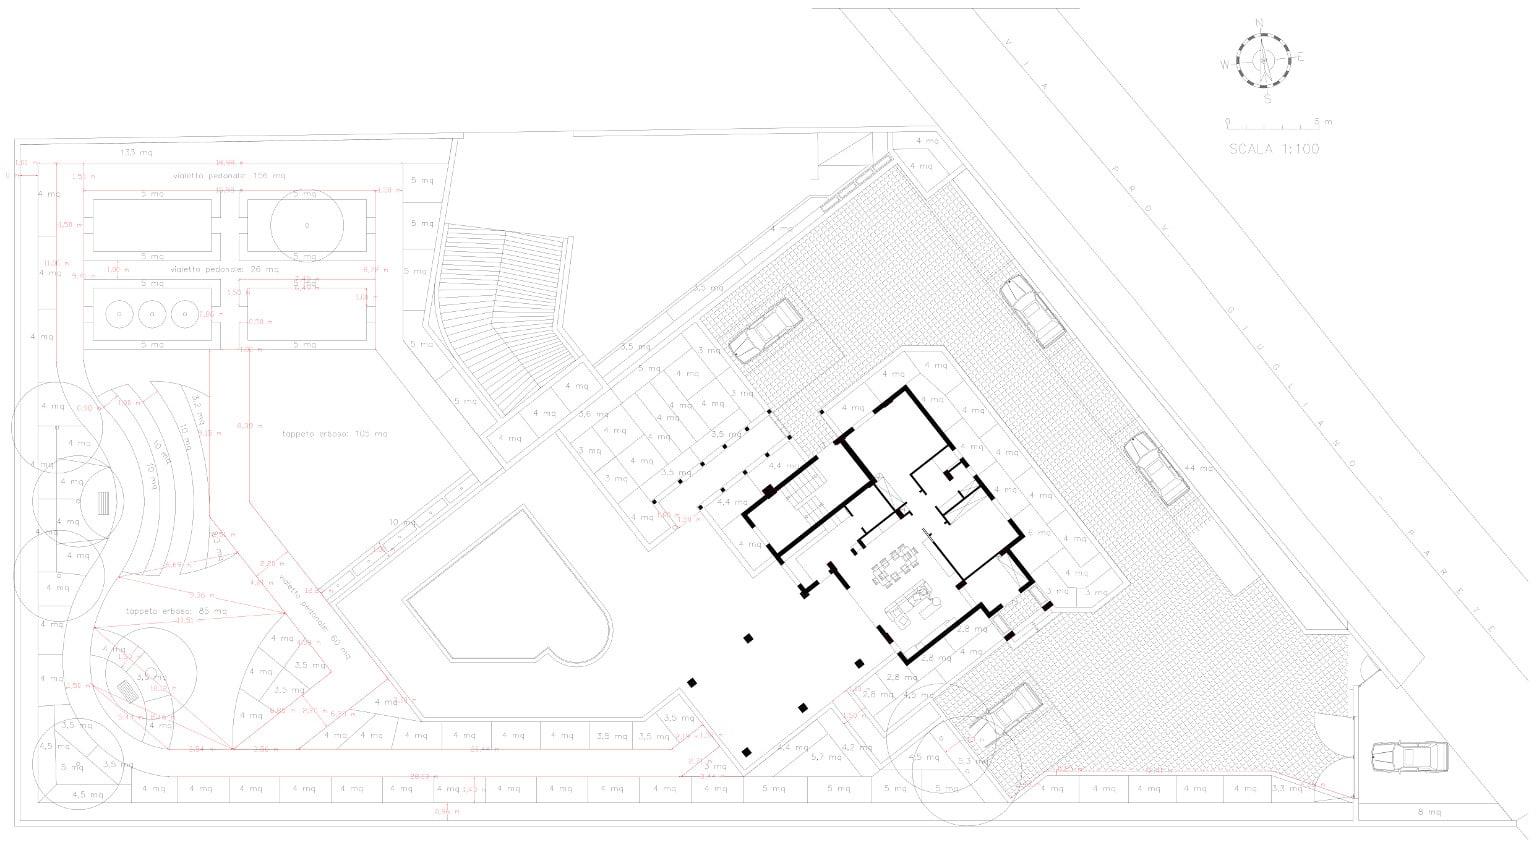 Progettazione-di-giardino-a-Napoli- progetto-dimensionale